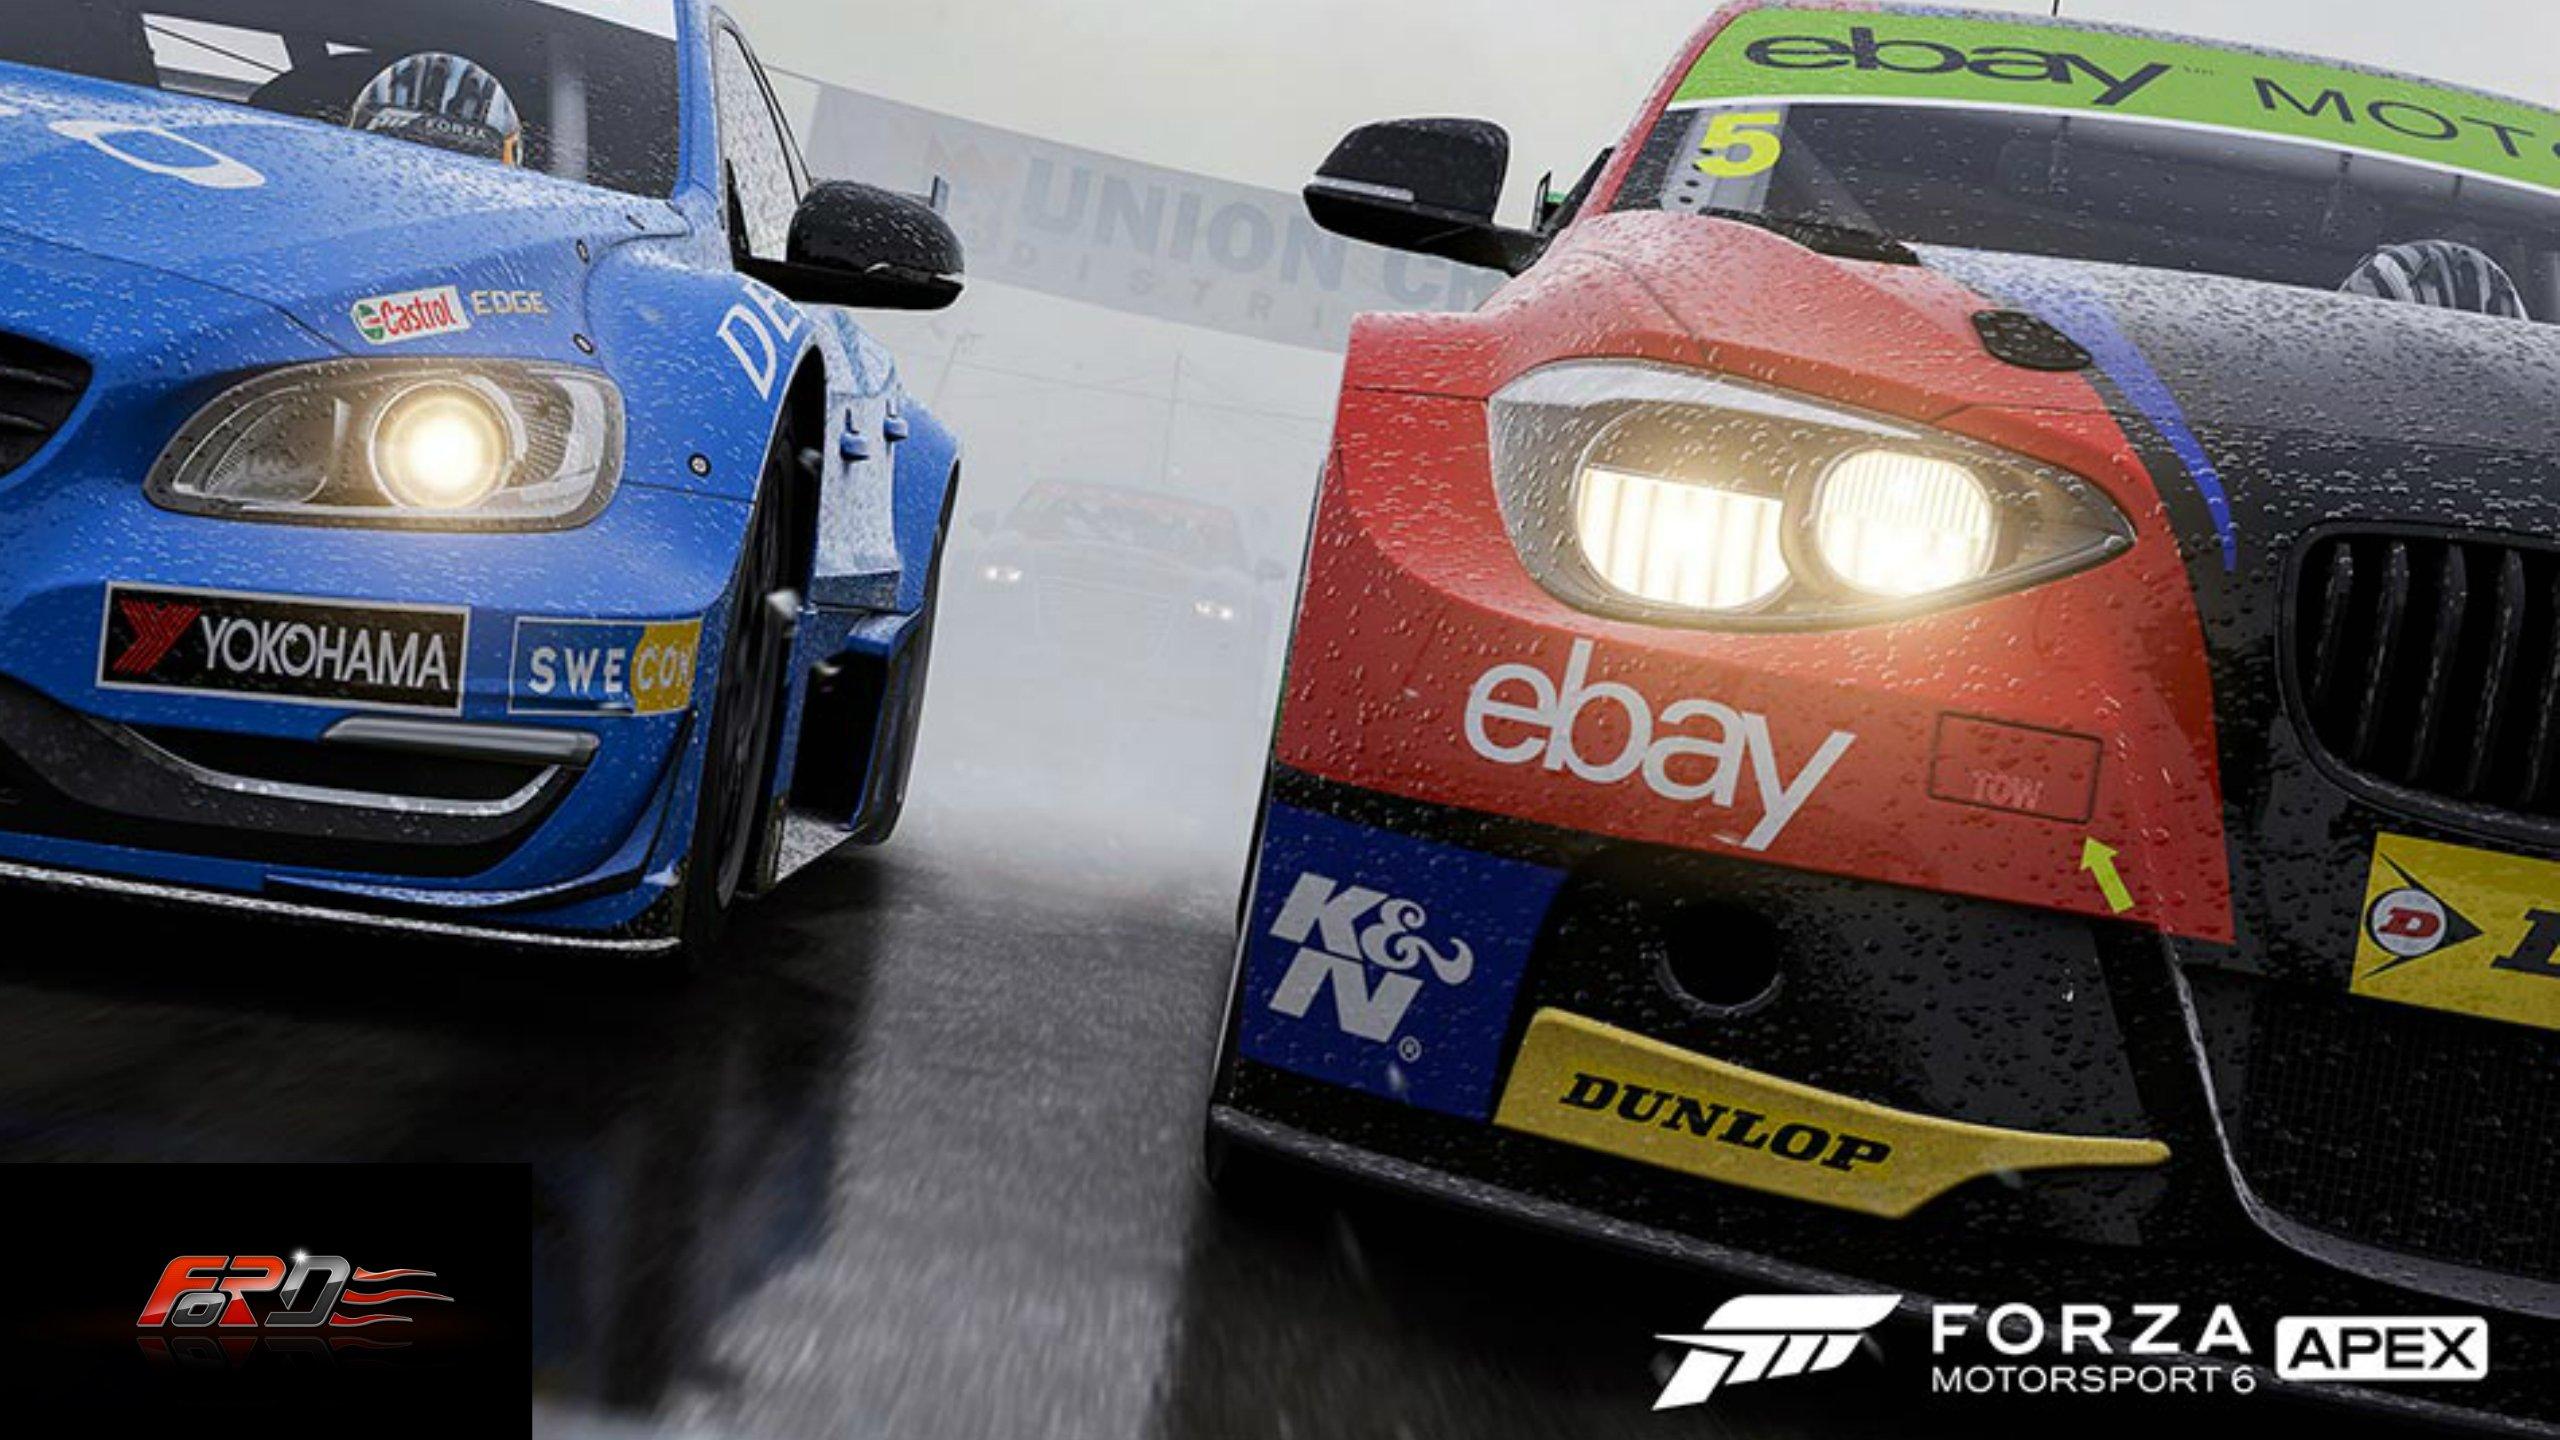 Forza Motorsport 6: Apex PC - обзор, первые впечатления, gameplay ПК версии BETA - Изображение 1